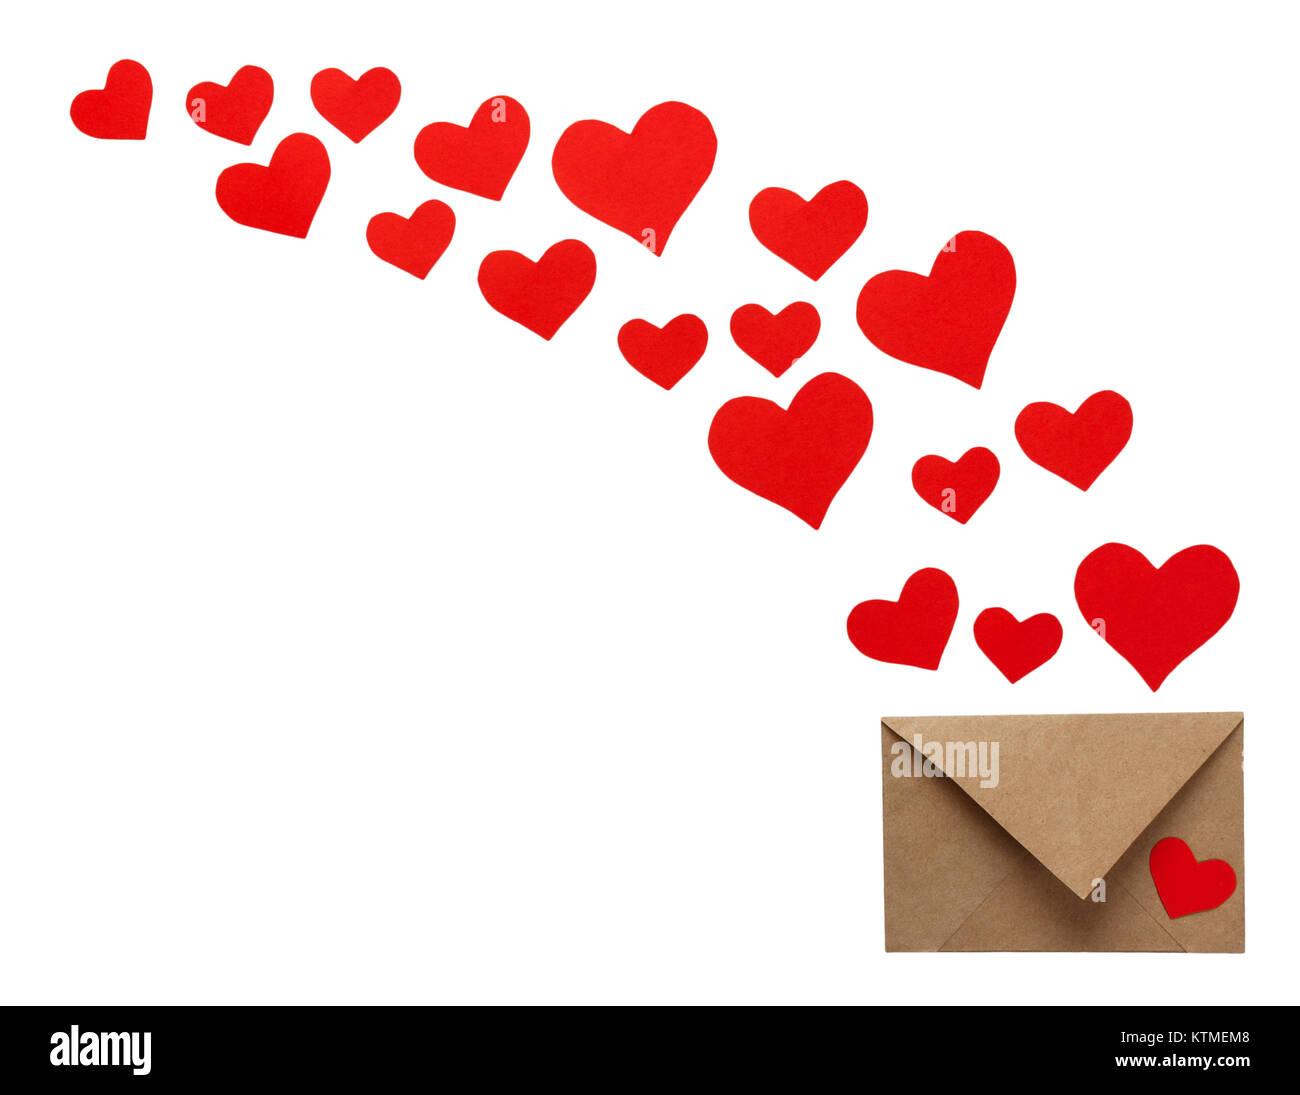 carte de souhaits st-valentin colorées enveloppes avec coeur. coeurs